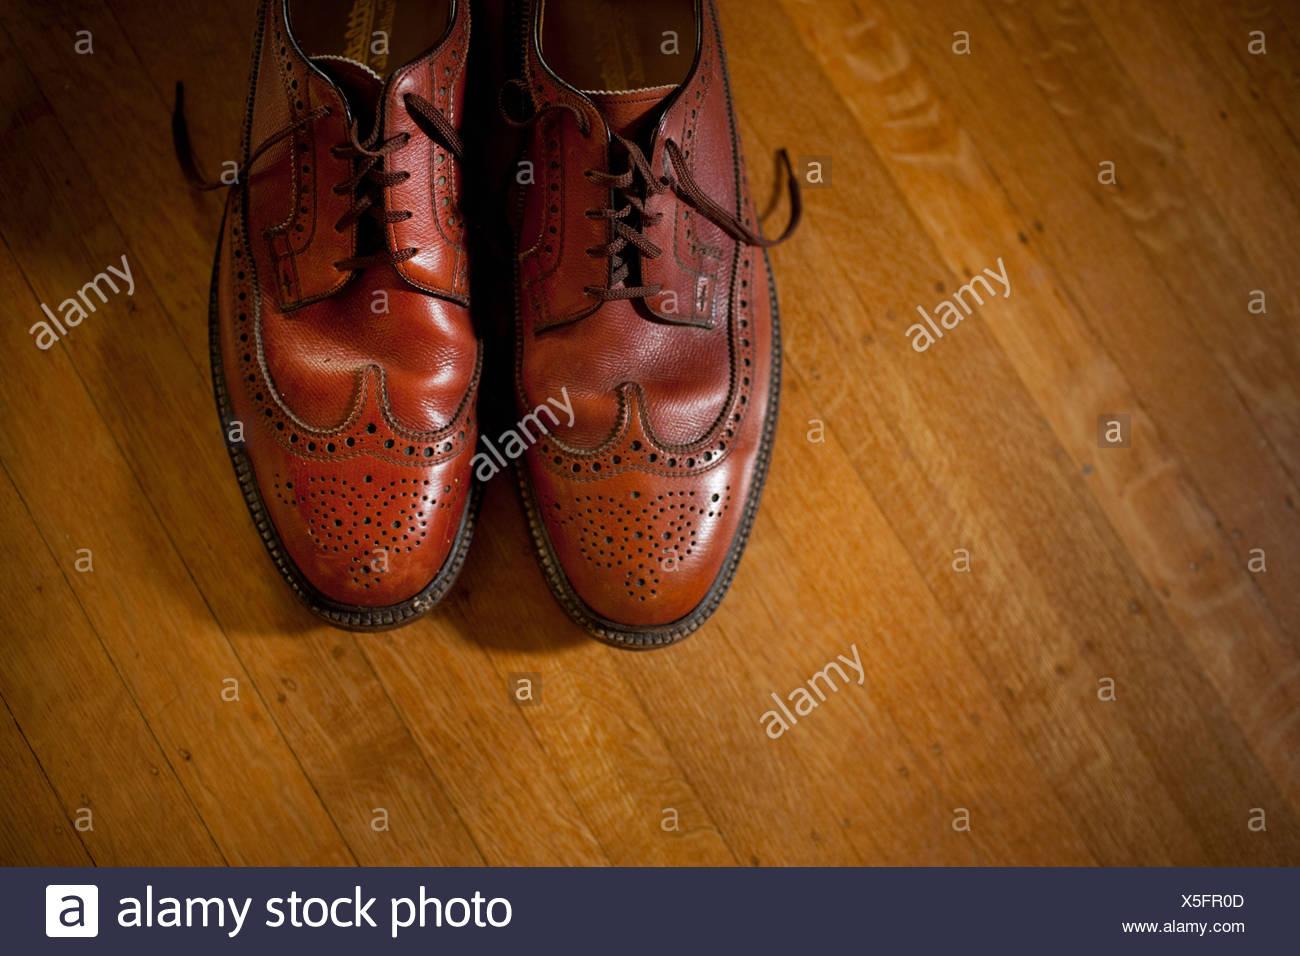 Par de hombres brogues sobre un piso de madera Imagen De Stock